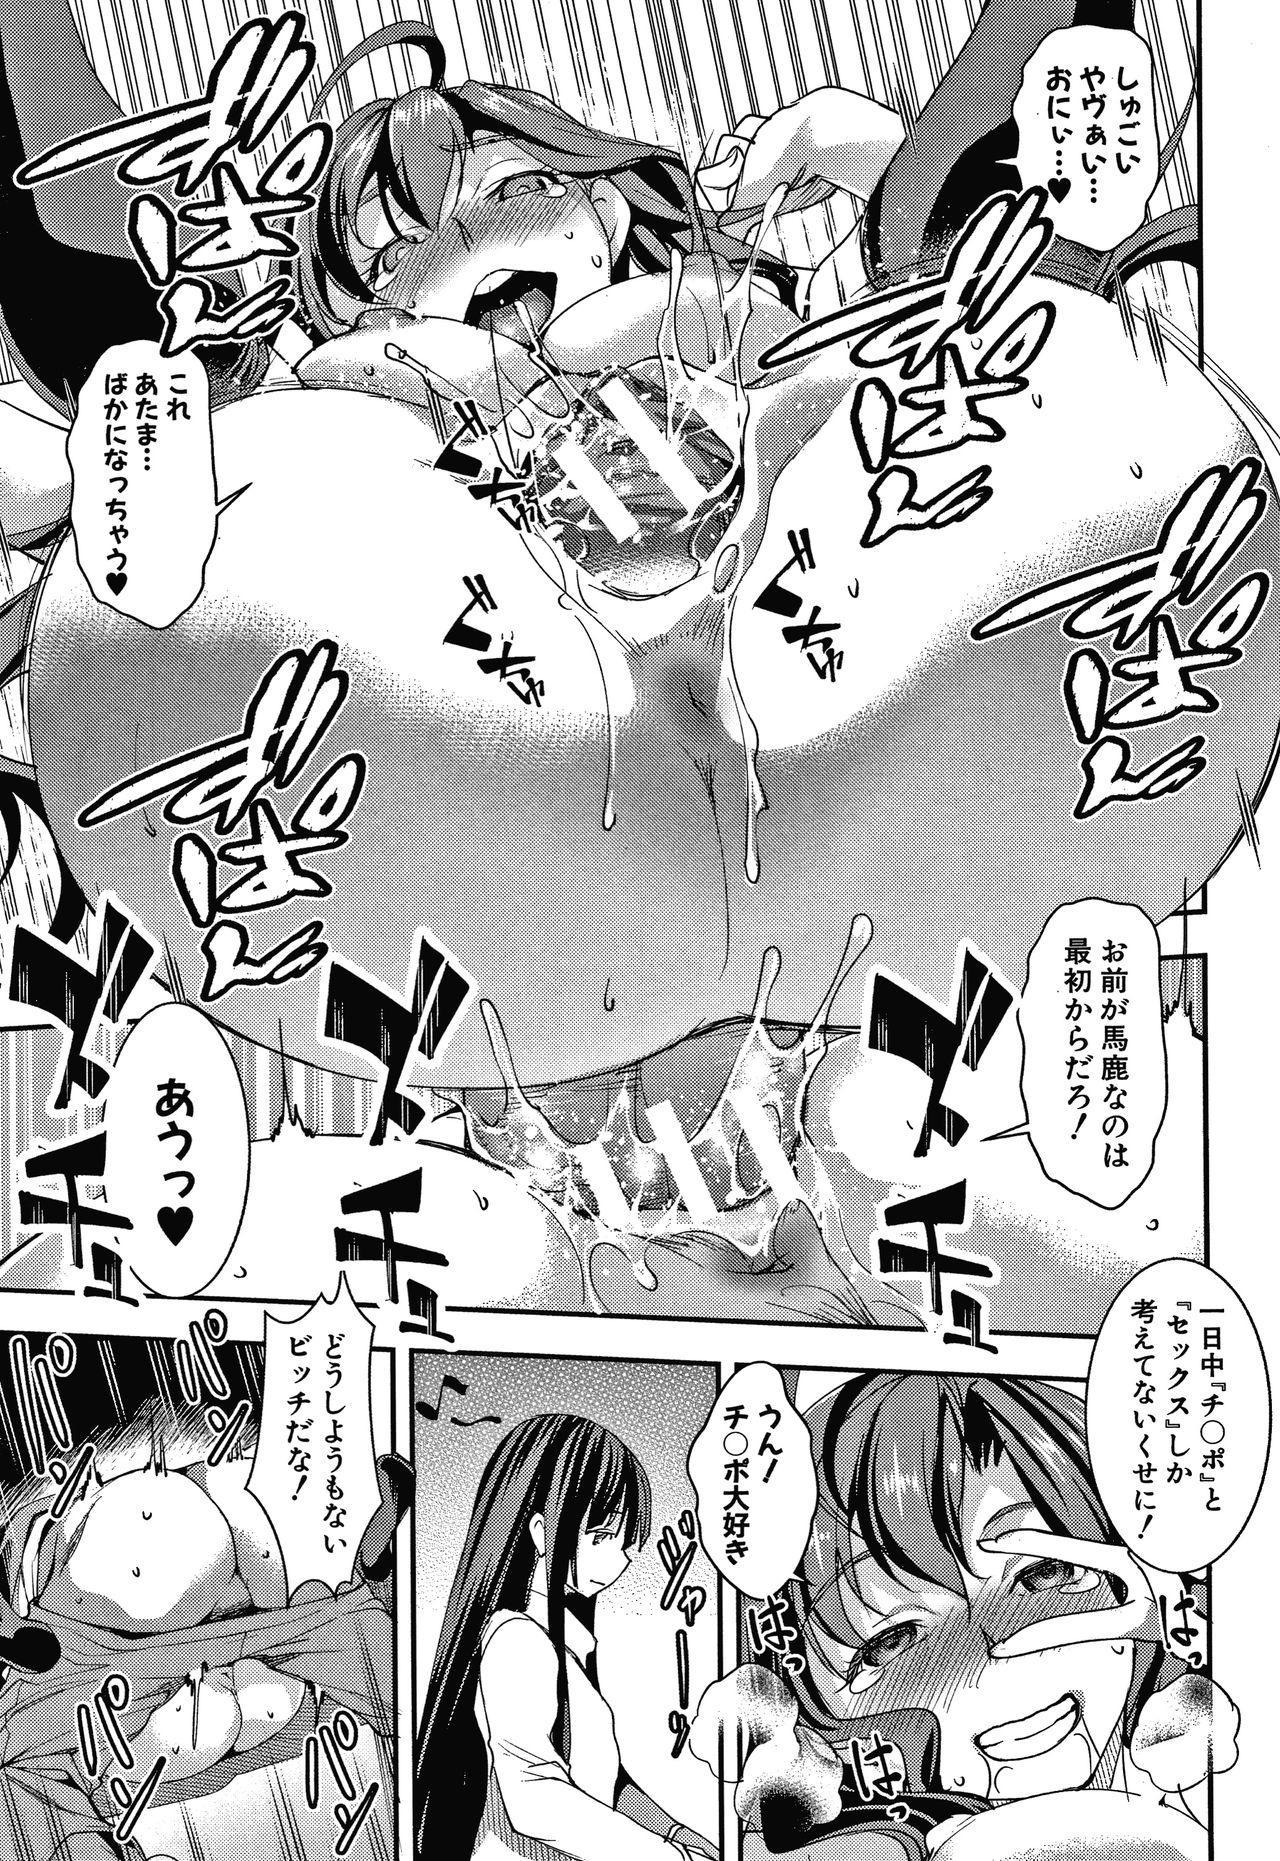 Shikiyoku no Keifu Haha mo Ane mo Imouto mo 24